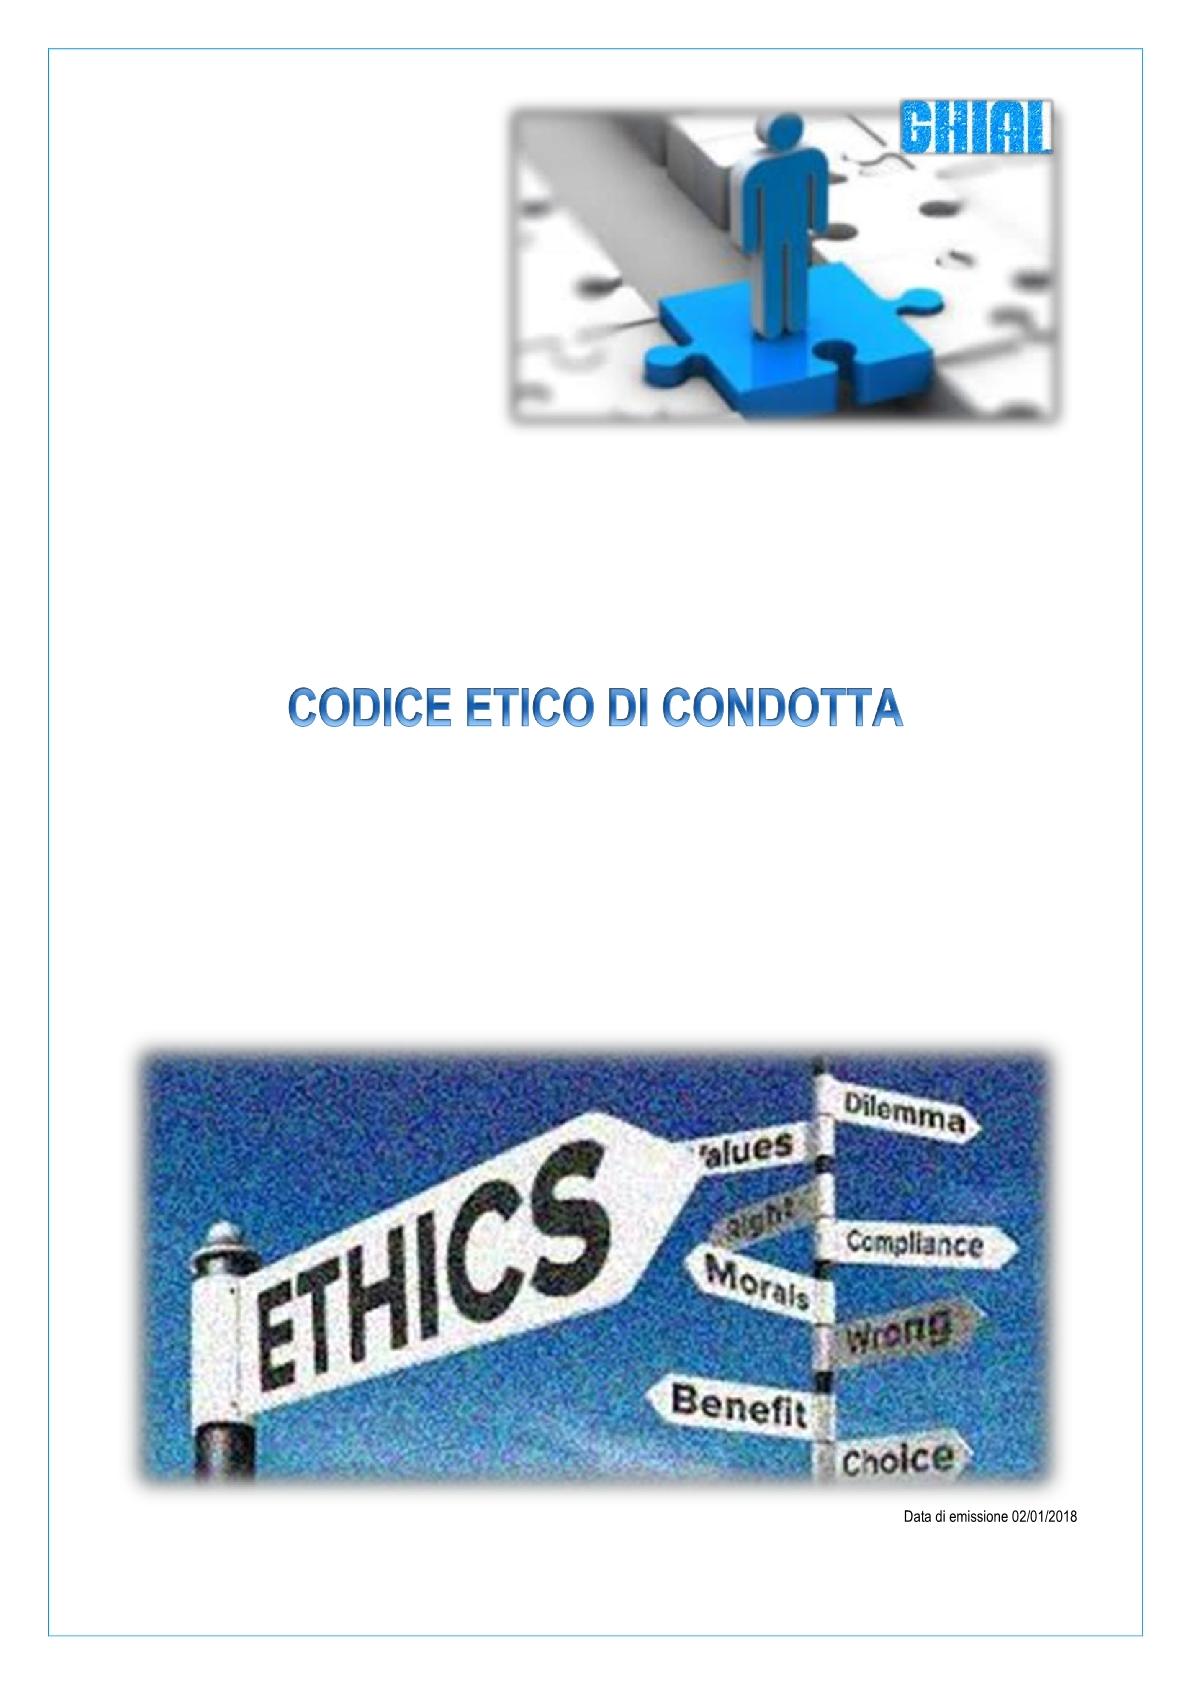 Copertina Codice Etico1